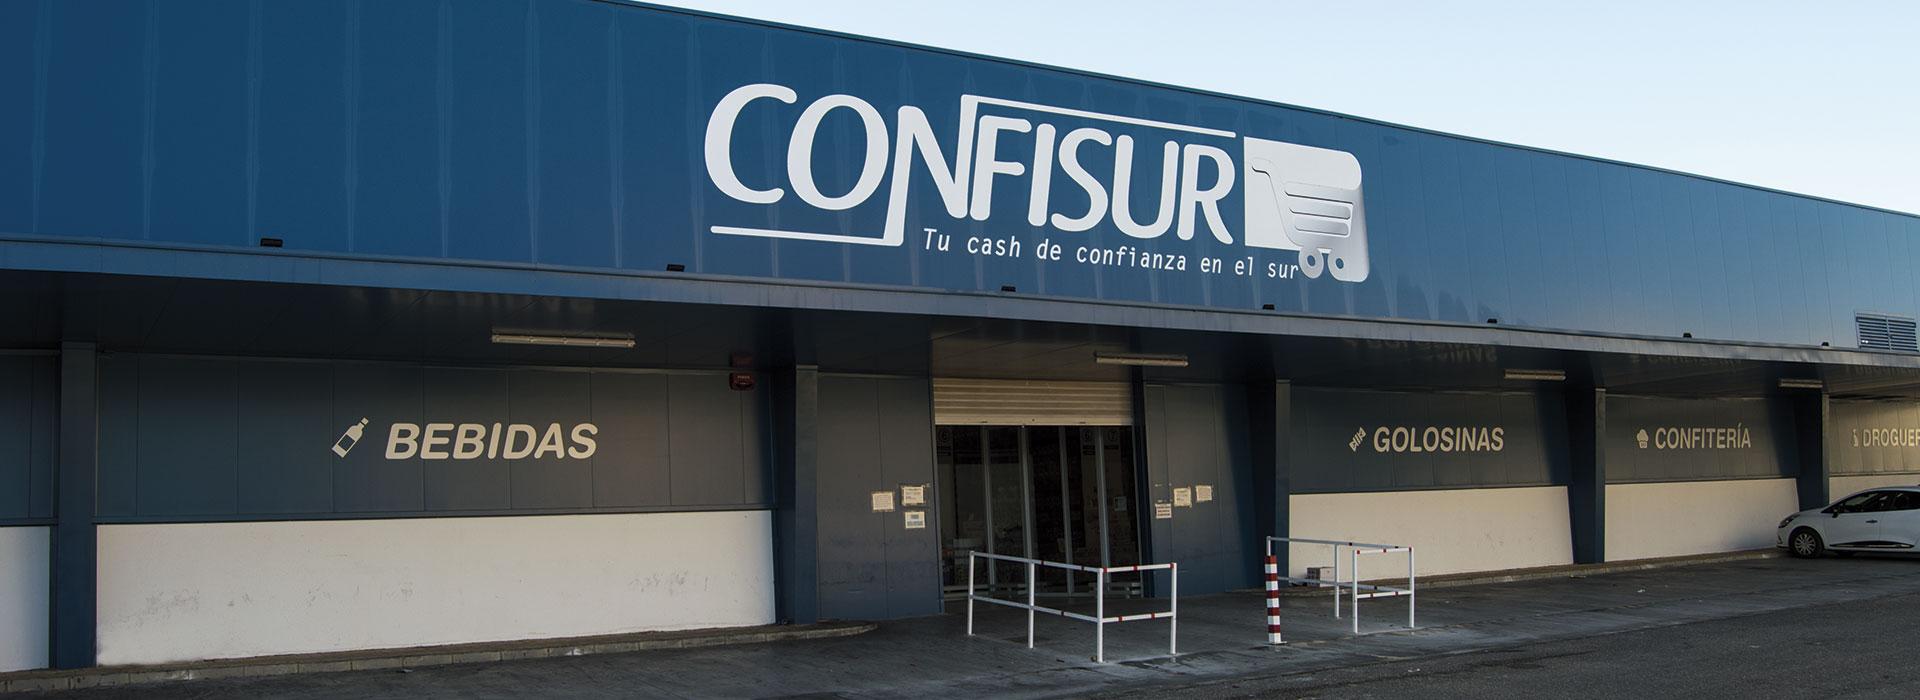 Confisur Cash & Carry | Tu cash de confianza en el sur